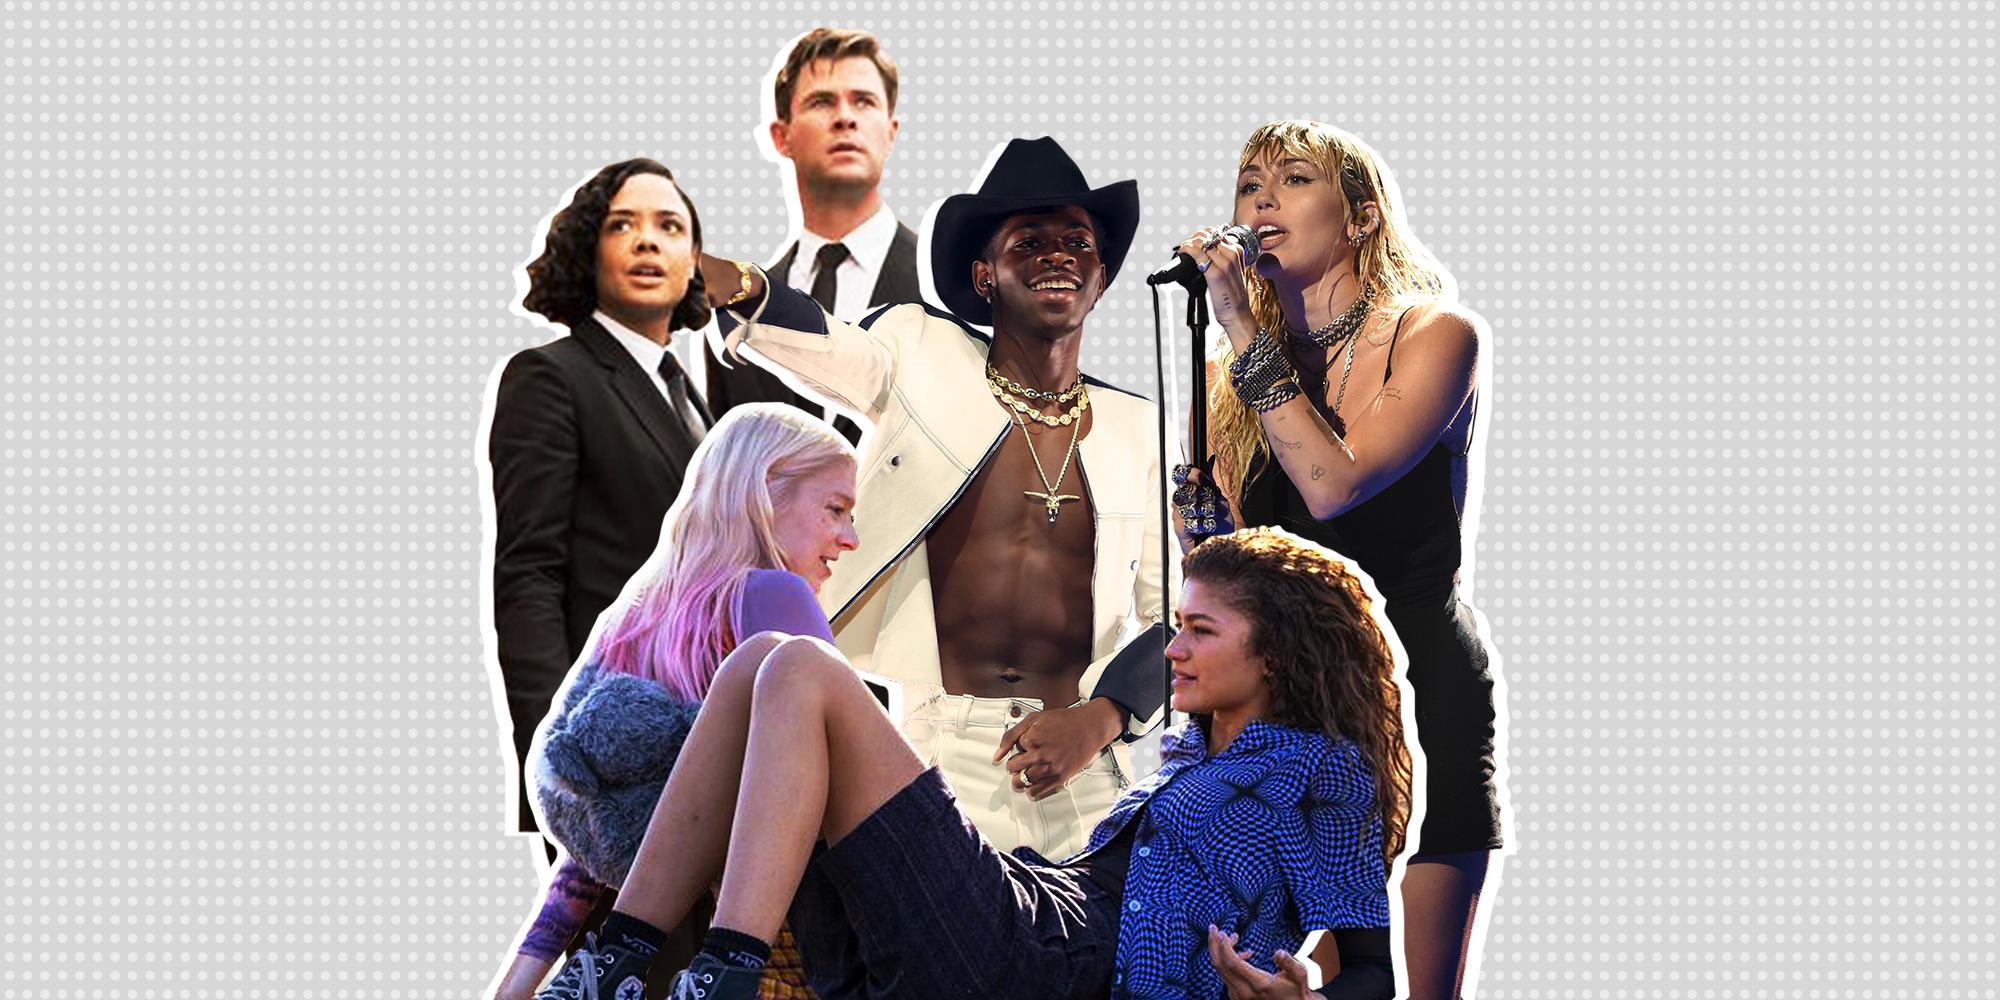 16 Best Halloween Costume Trends of 2019, From Euphoria to Miley